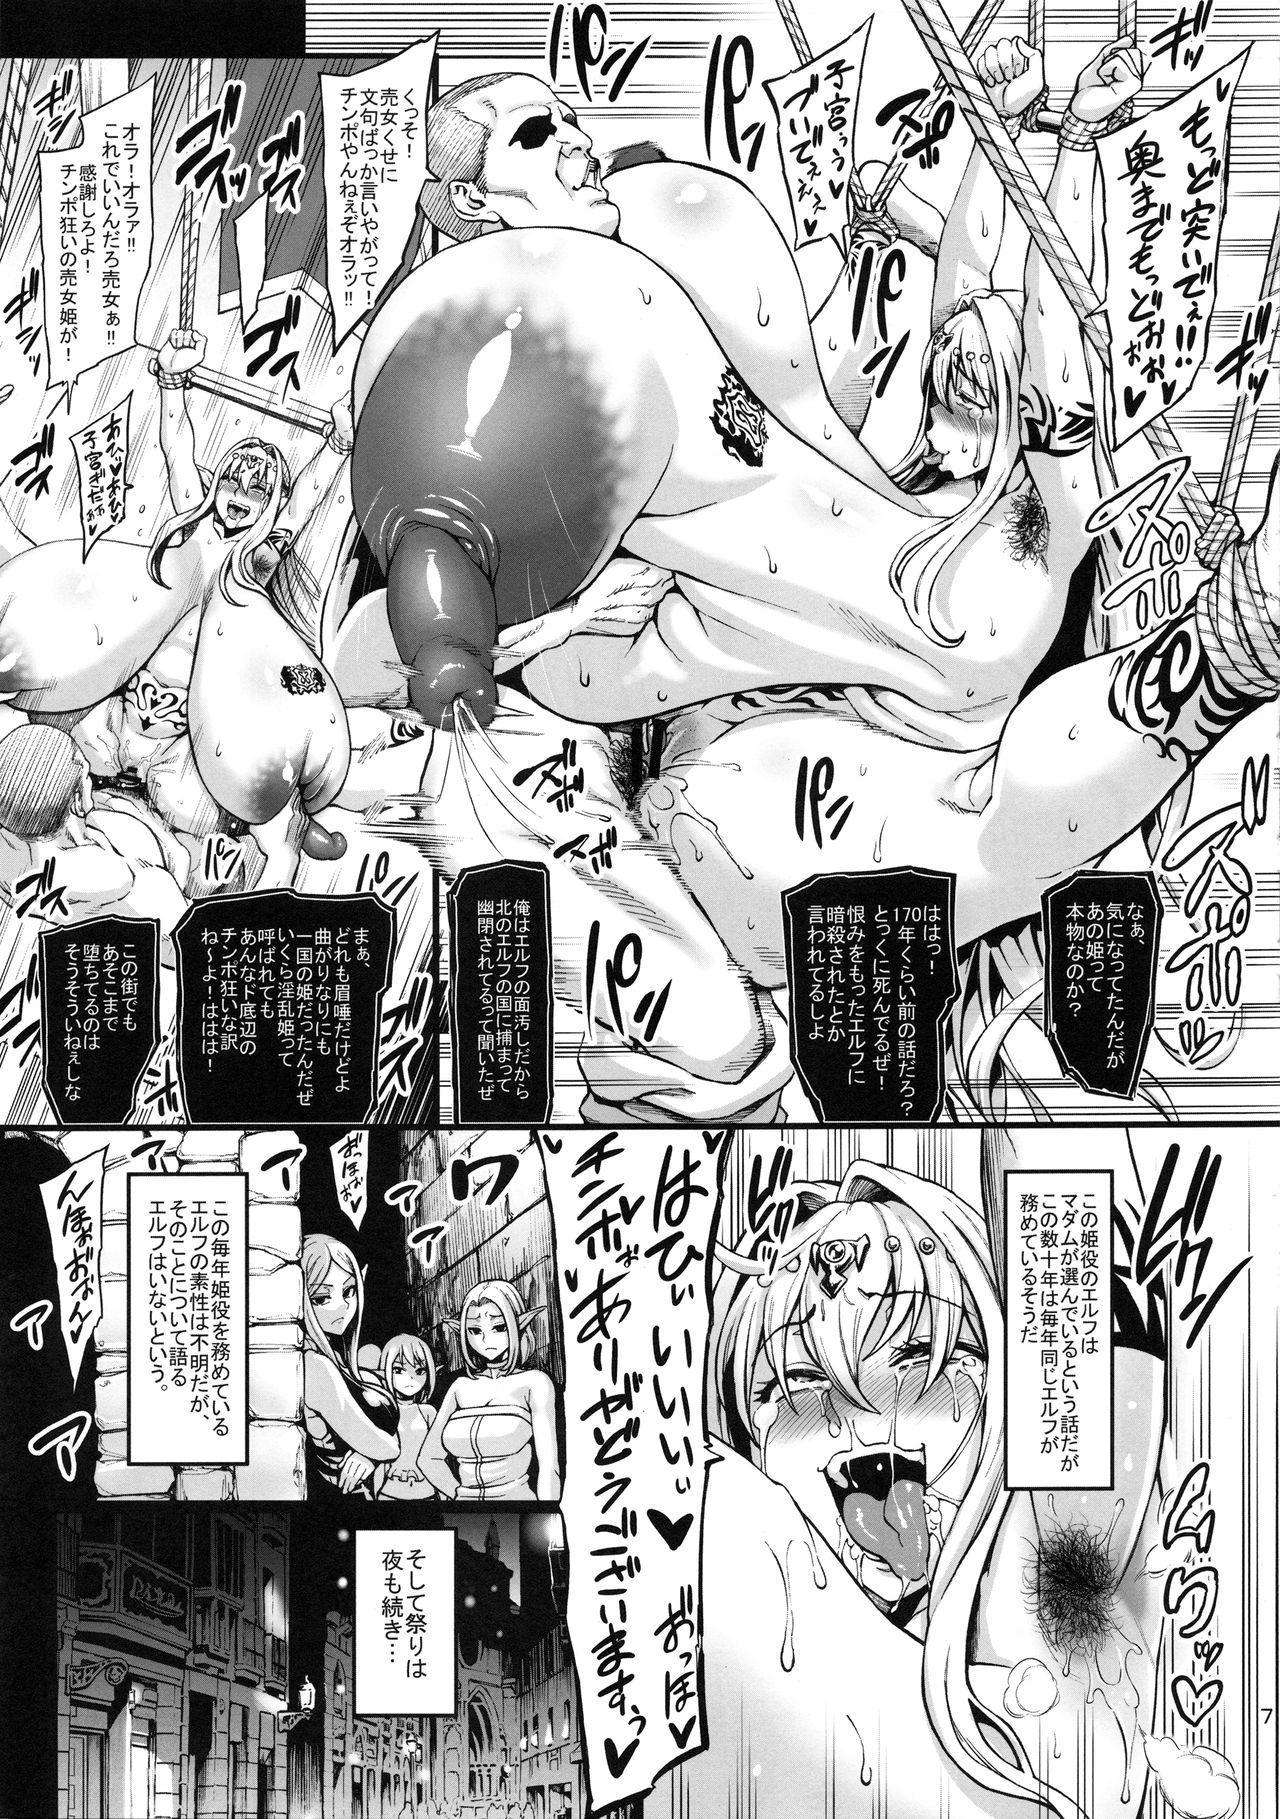 Houjou no Reizoku Elf 5 + Omake no Matome Sono 2 7